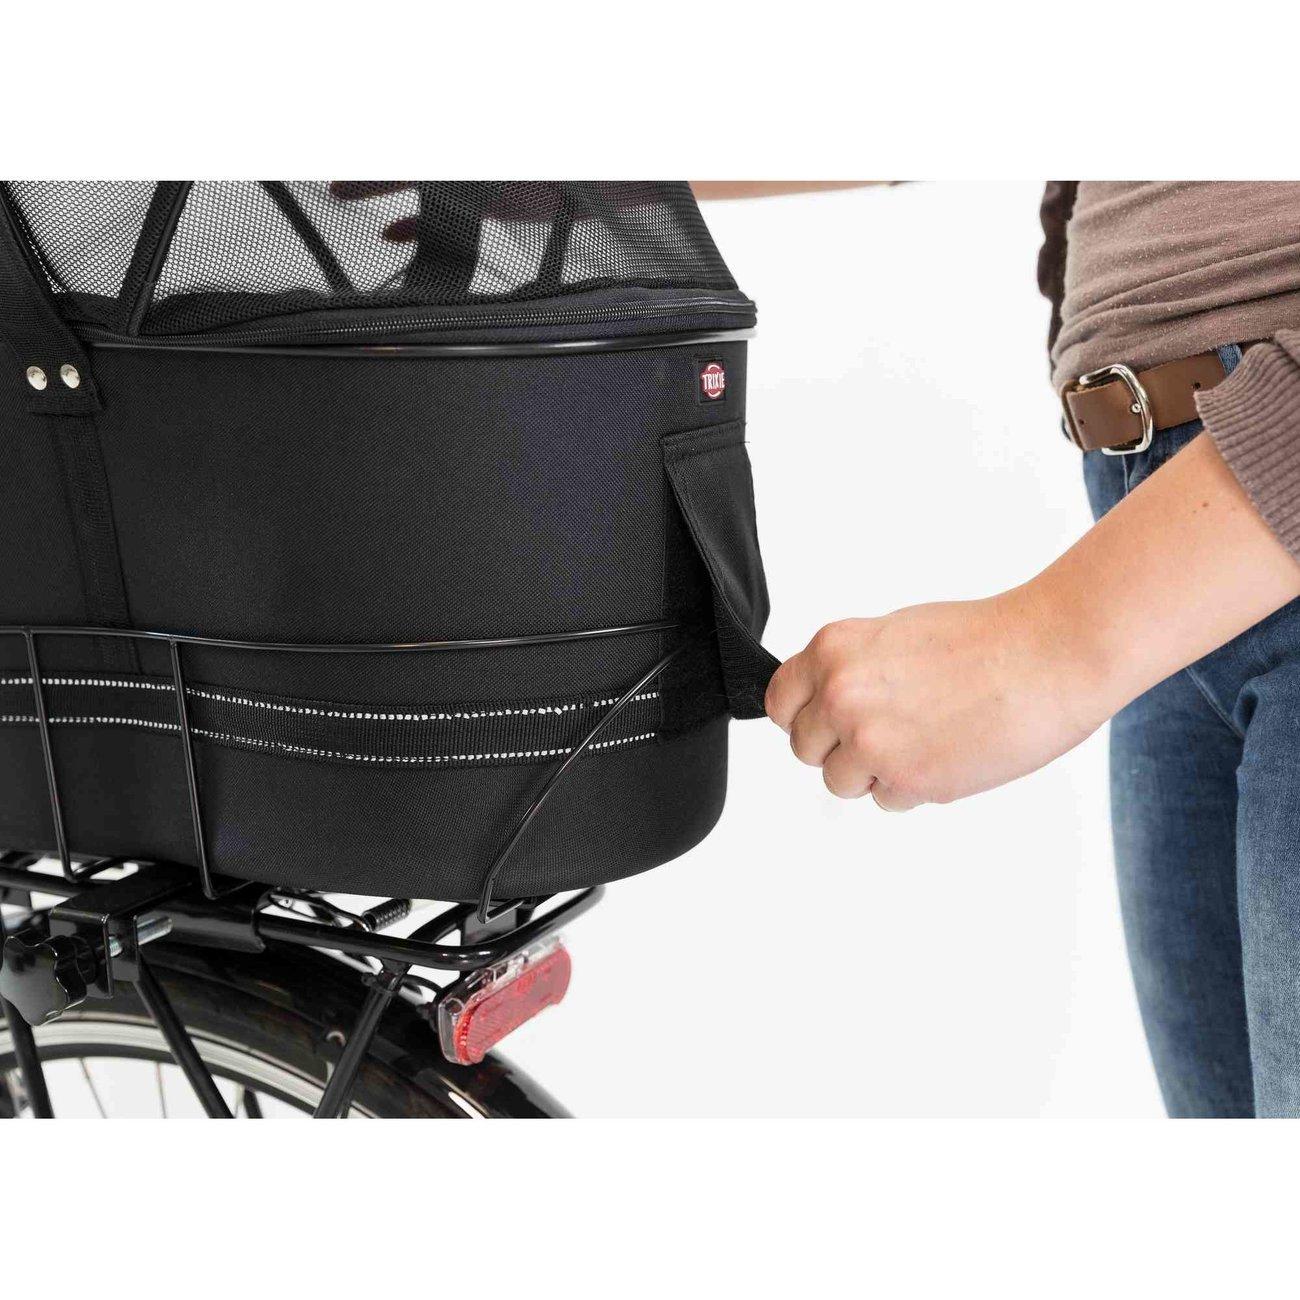 Fahrradtasche mit Metallrahmen für breite Gepäckträger Bild 14